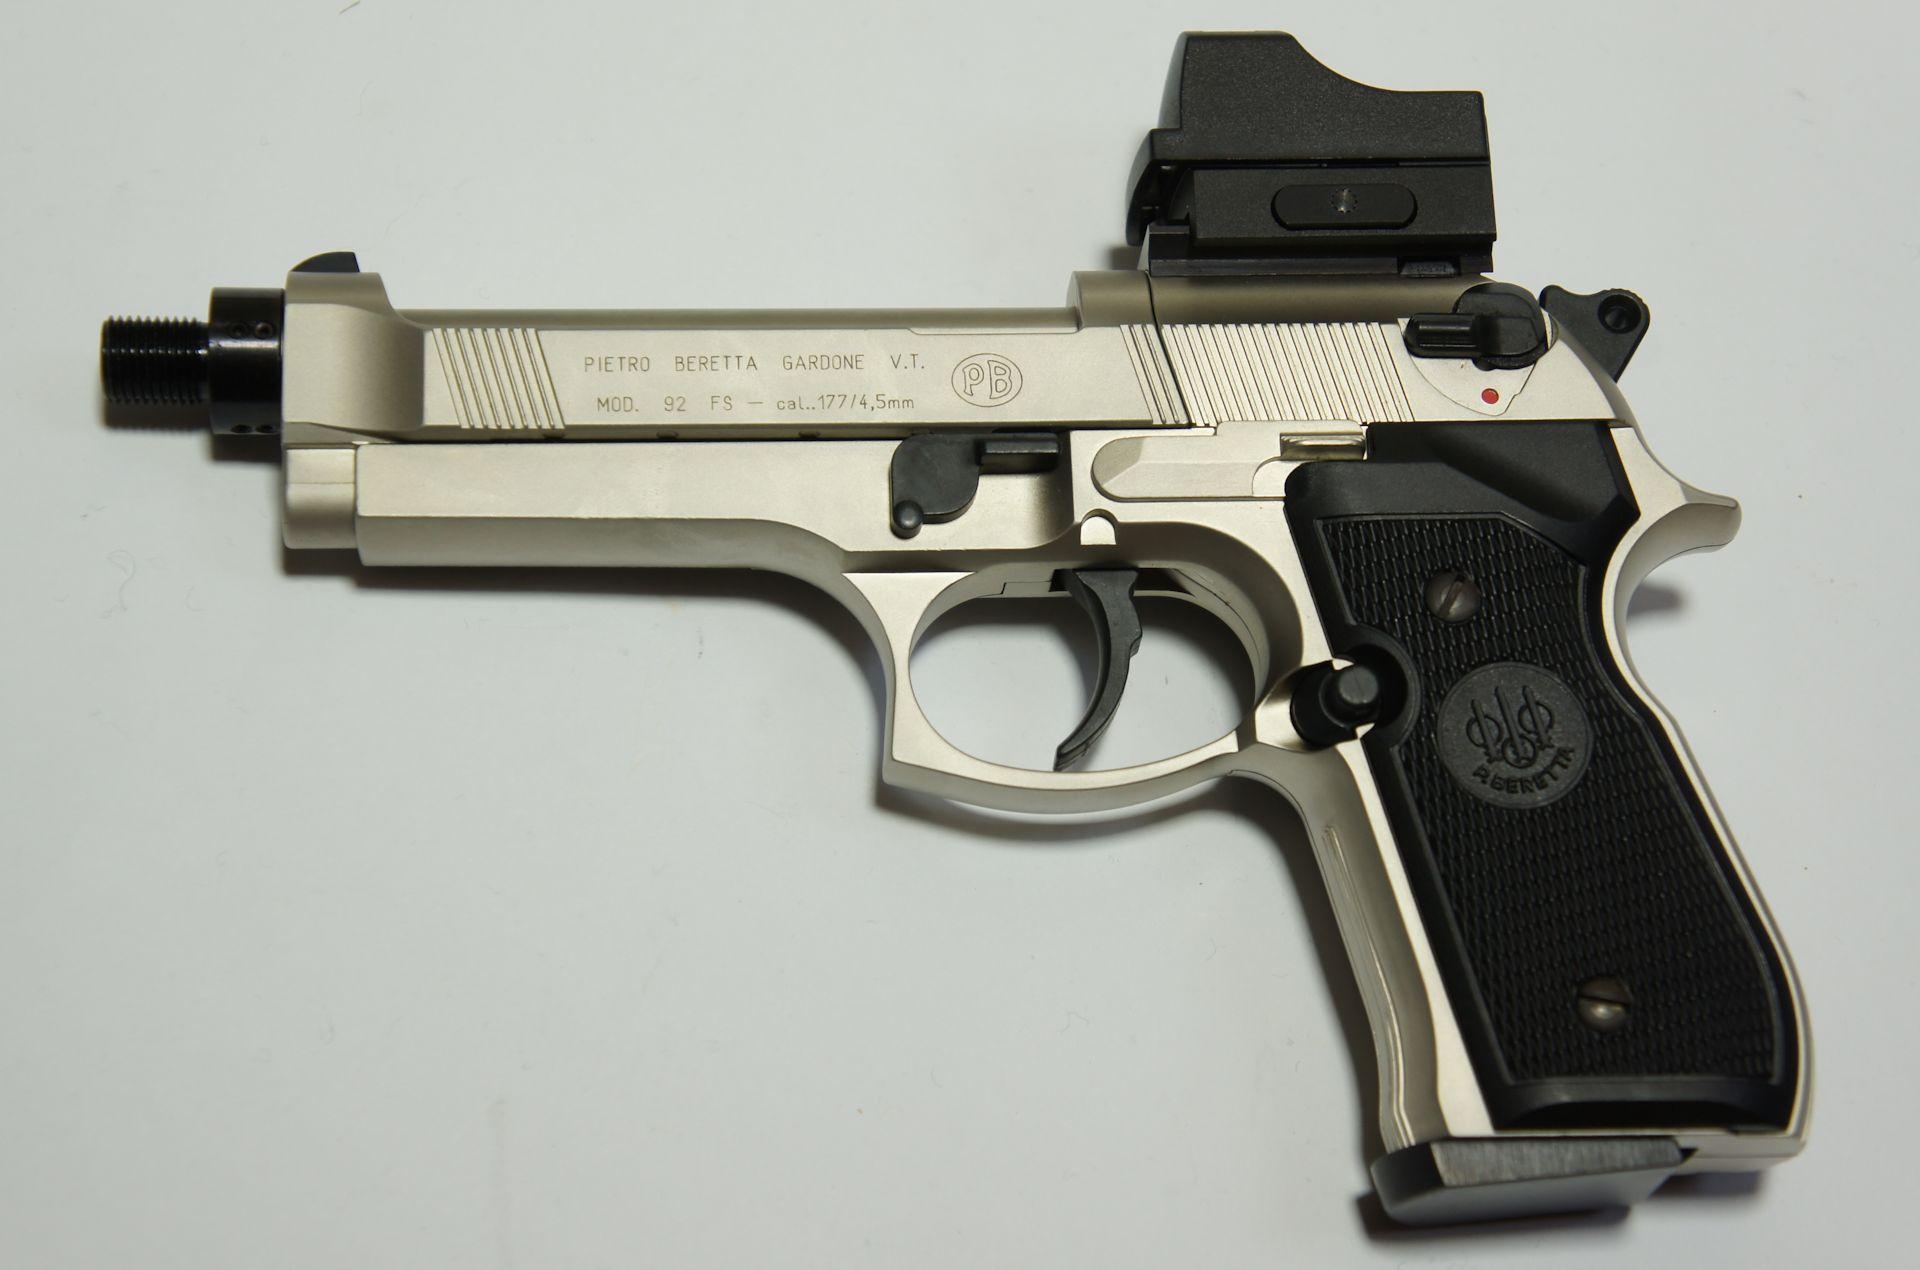 Hier sehen Sie den neuen SD Adapter an einer <a href=1050021.htm> vernickelten CO2 Pistole Beretta </a>als Montagebeispiel,